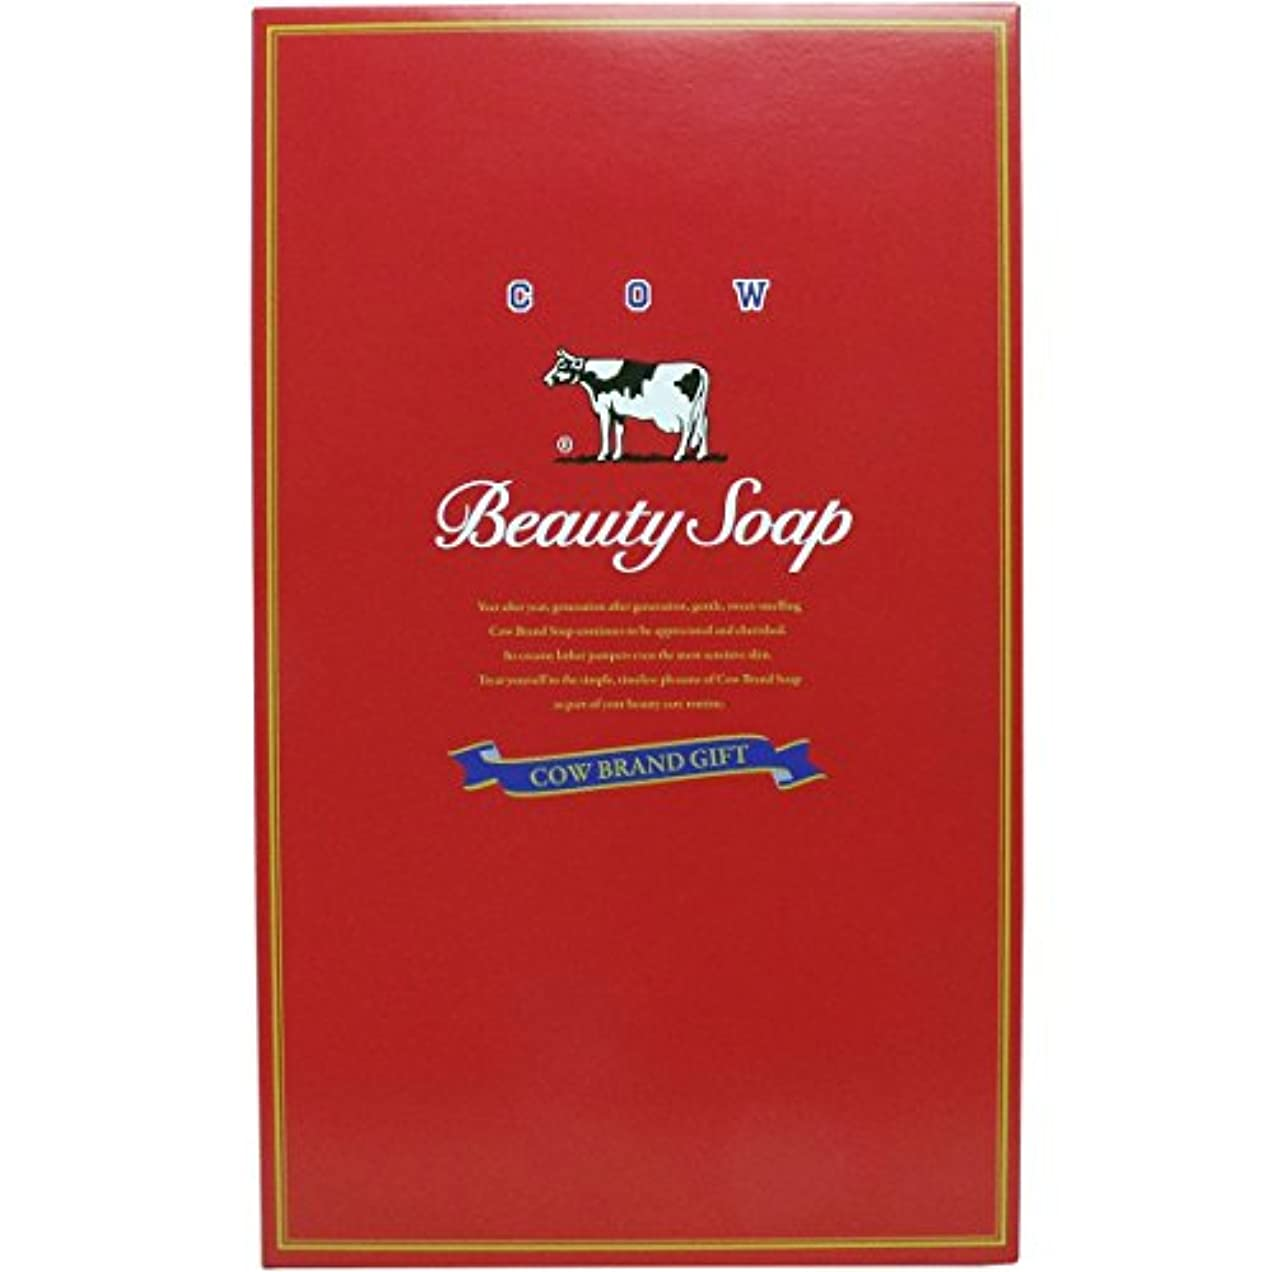 偶然の限界概念牛乳石鹸共進社 カウブランド石鹸 赤箱 100g×10個×3箱